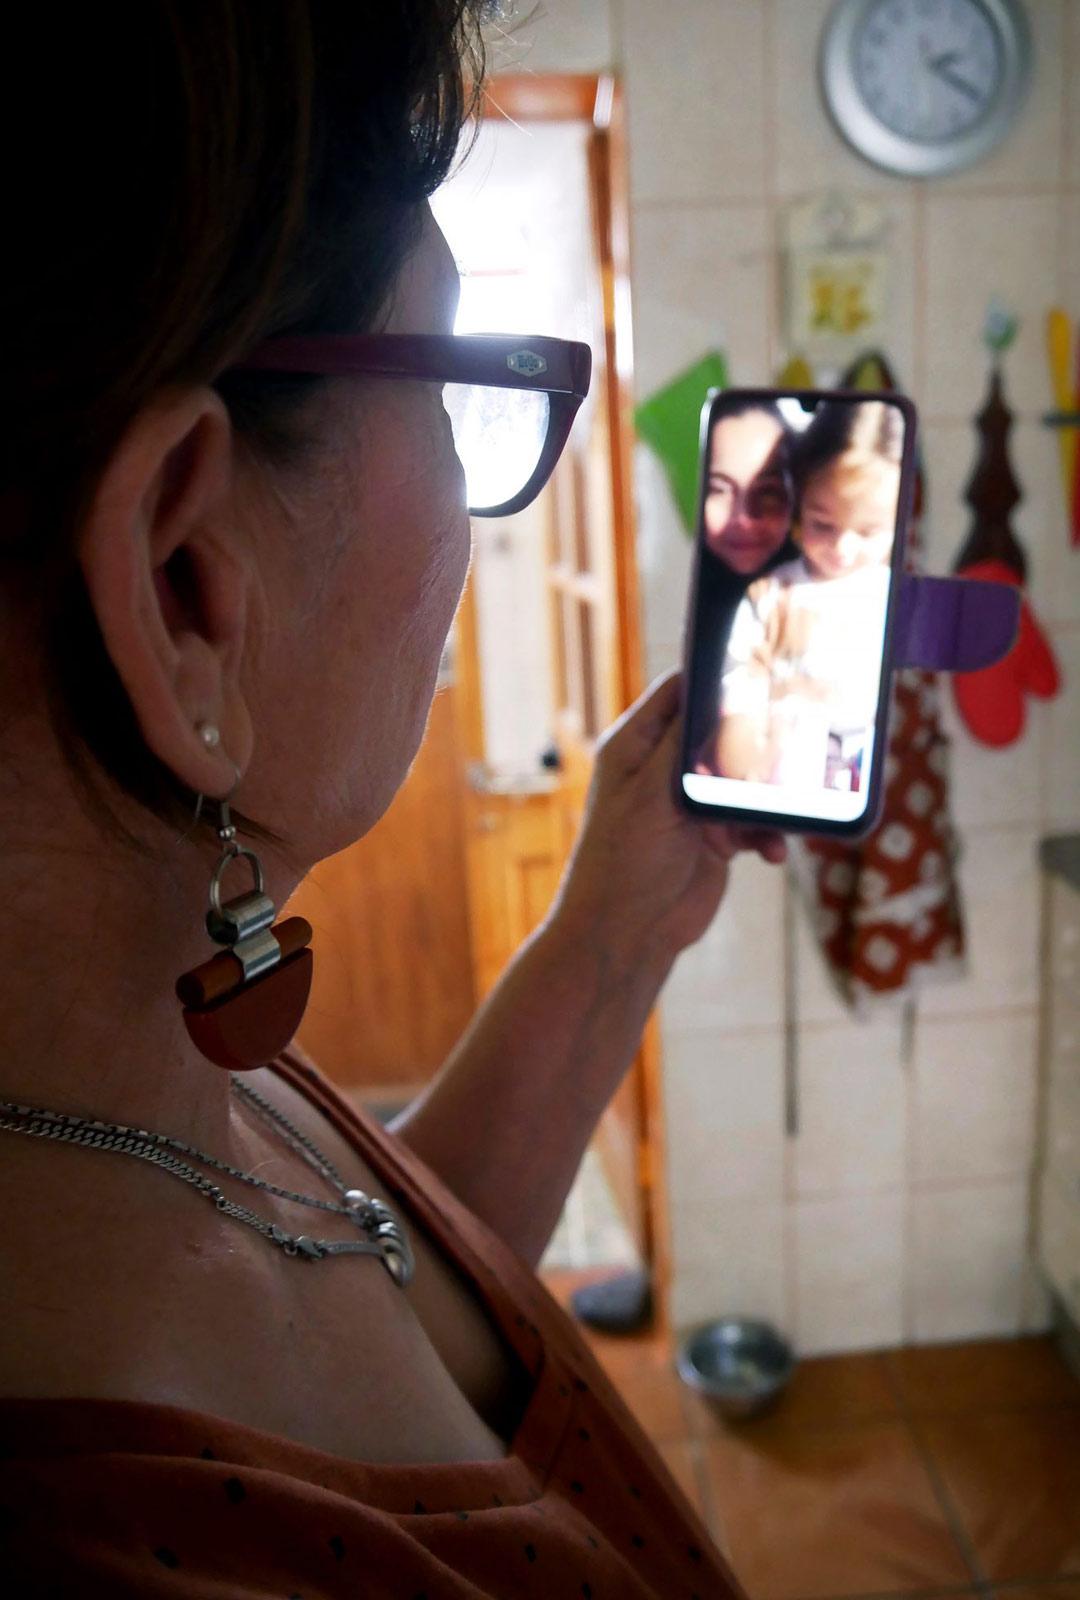 """""""Ellu-mummon"""" tärkein hetki: WhatsApp-puhelu Suomesta. Tytär Carolina ja tyttärentytär Paloma kertovat kuulumisiaan."""